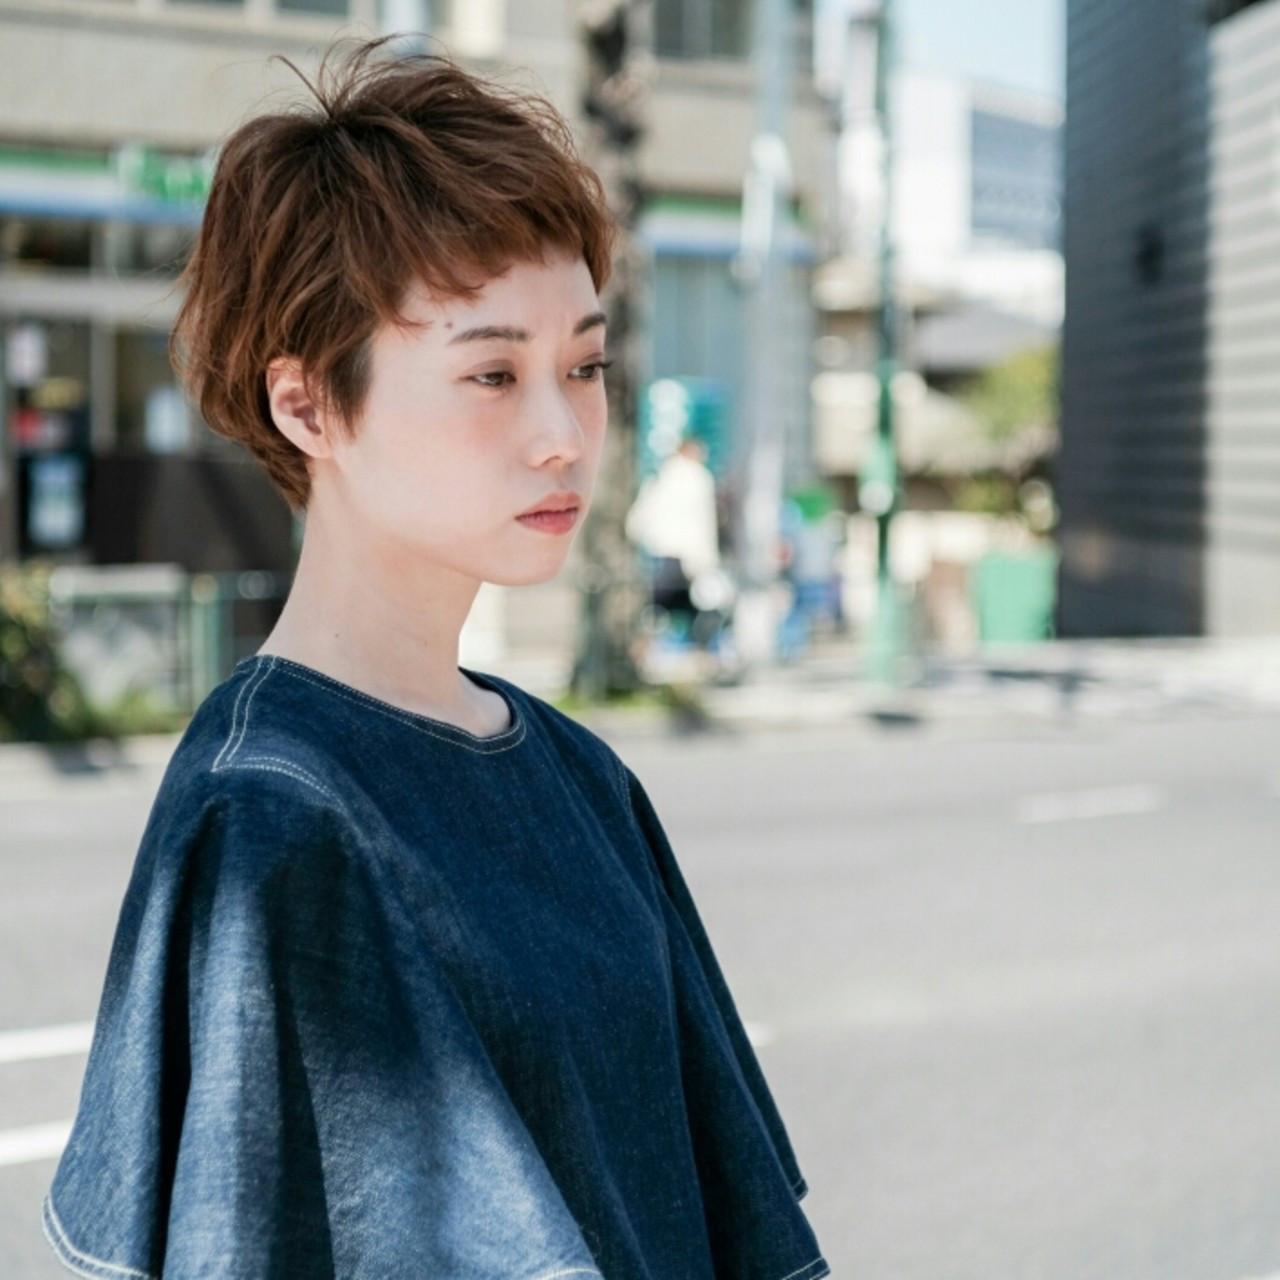 オン眉ですっきり☆前髪ありのショートヘア 大金亮介